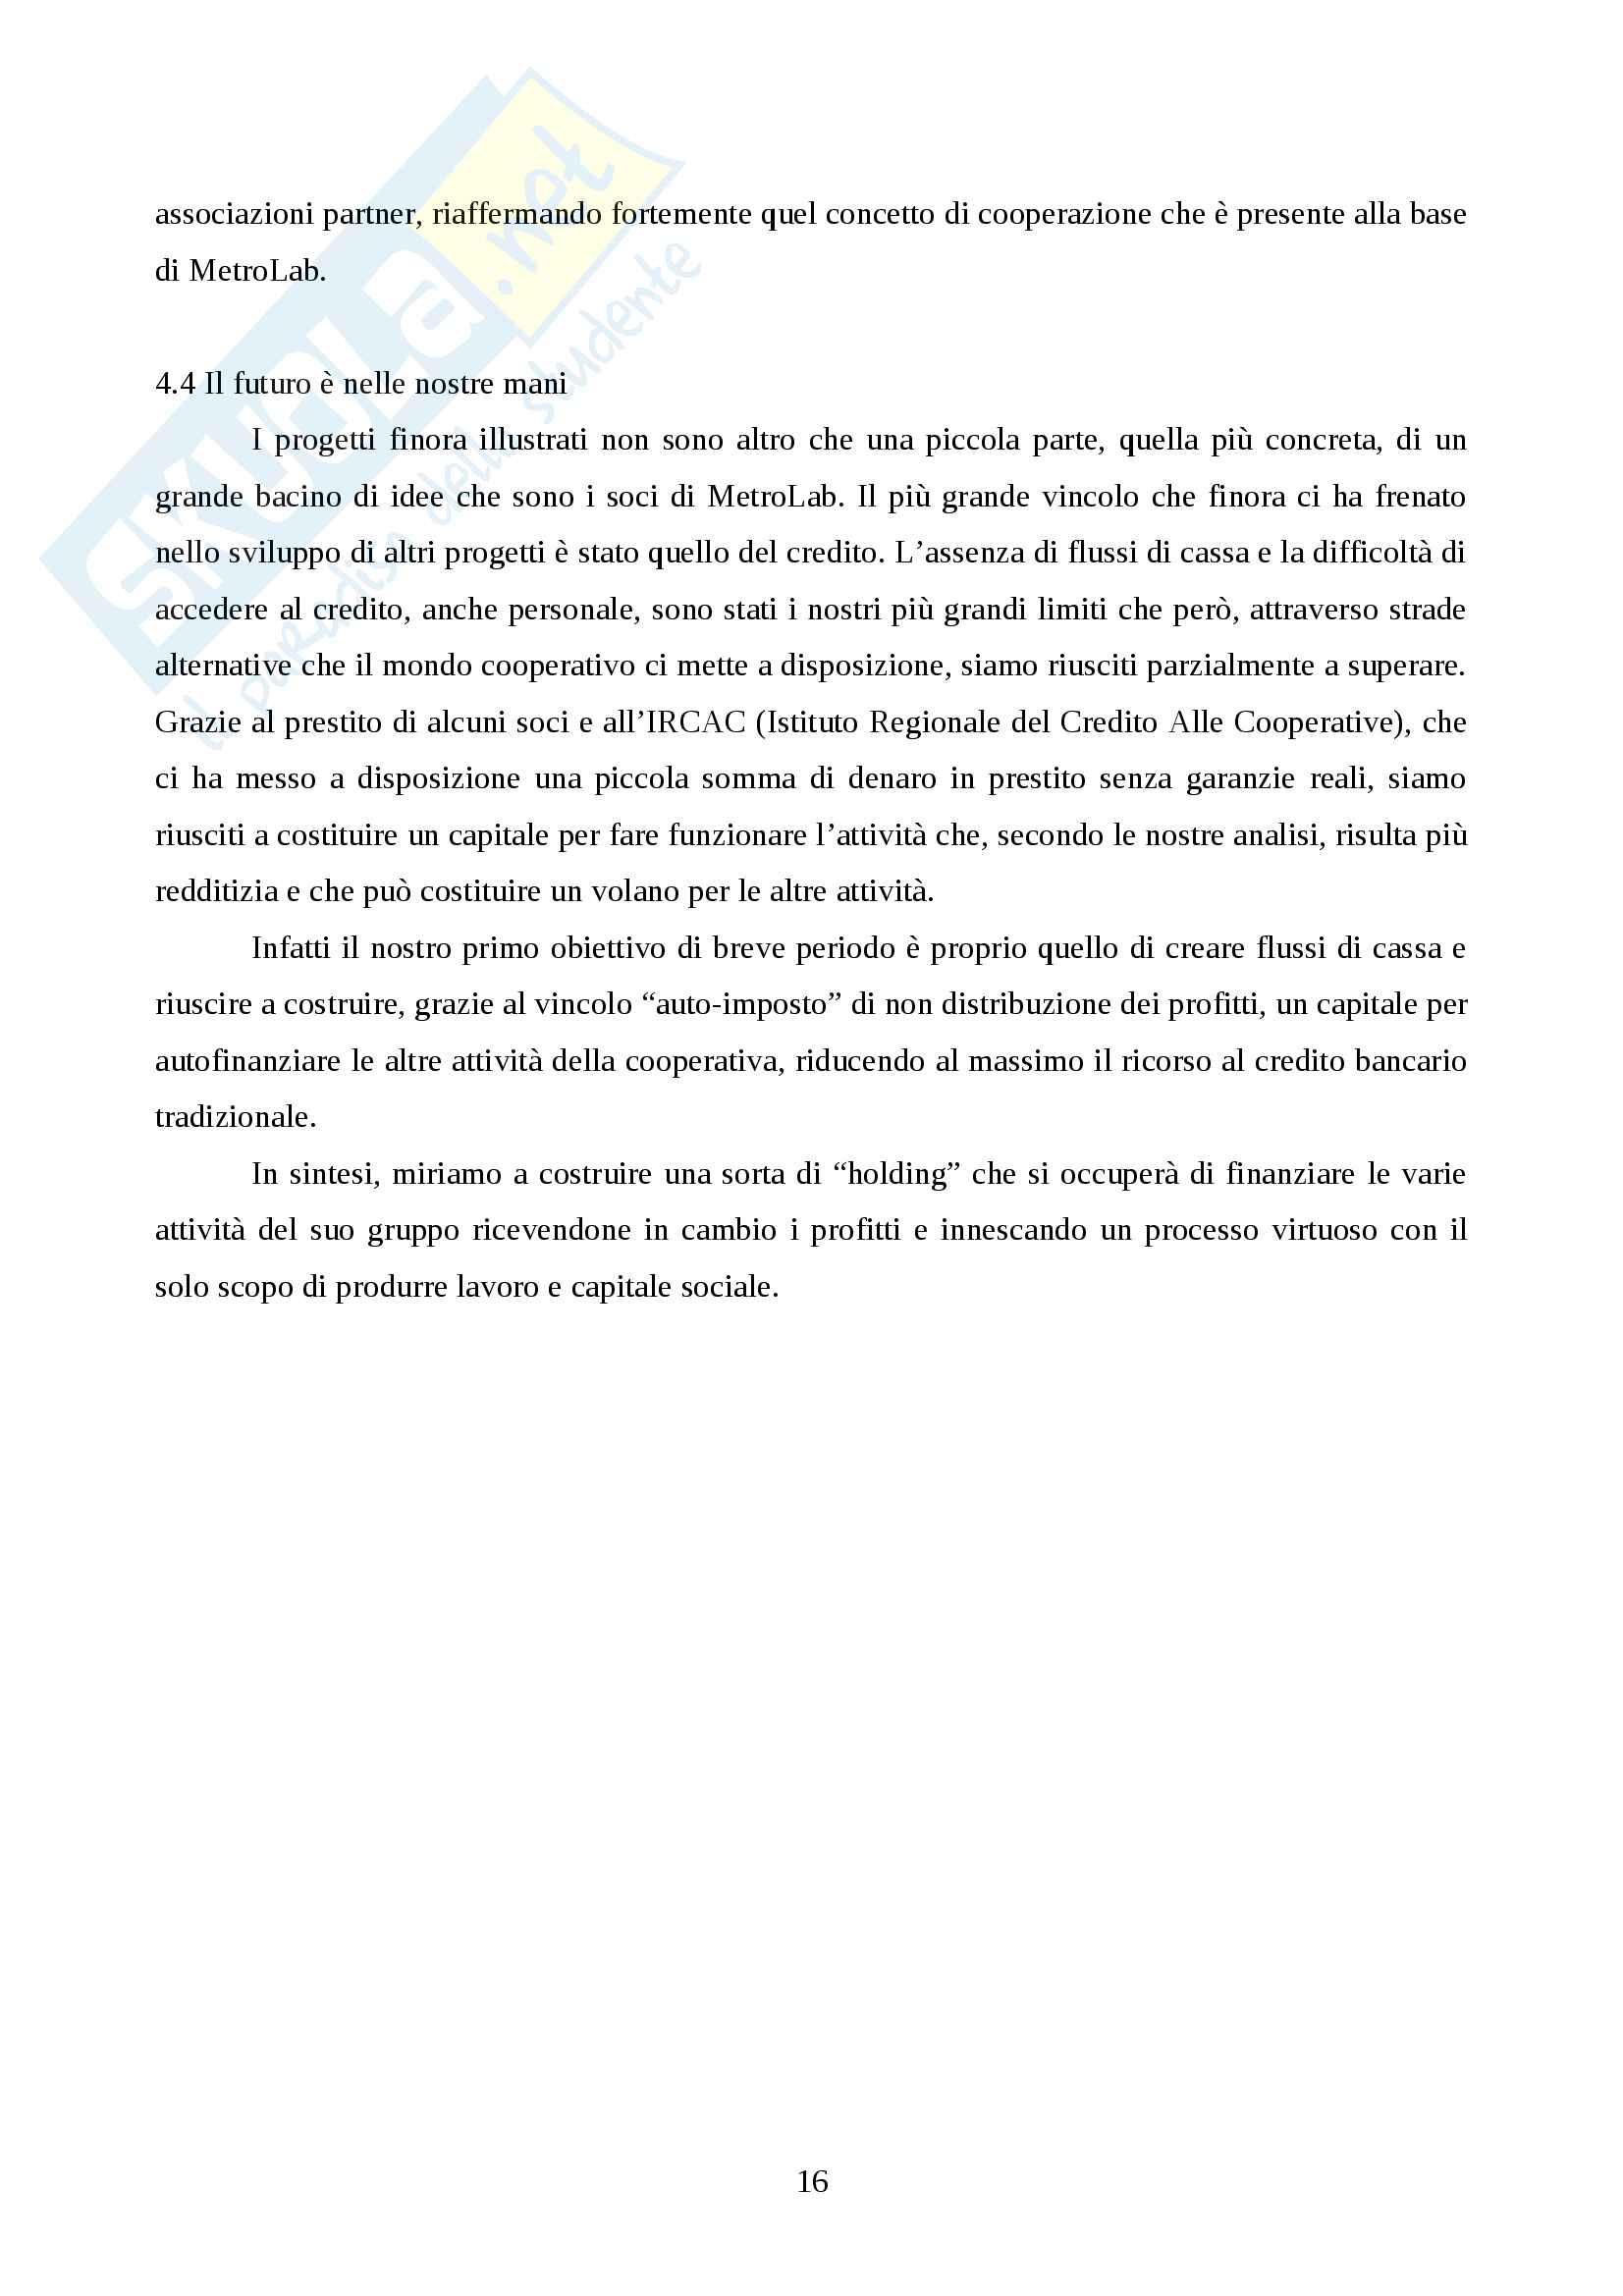 La Cooperativa Non Profit - Tesina Pag. 16